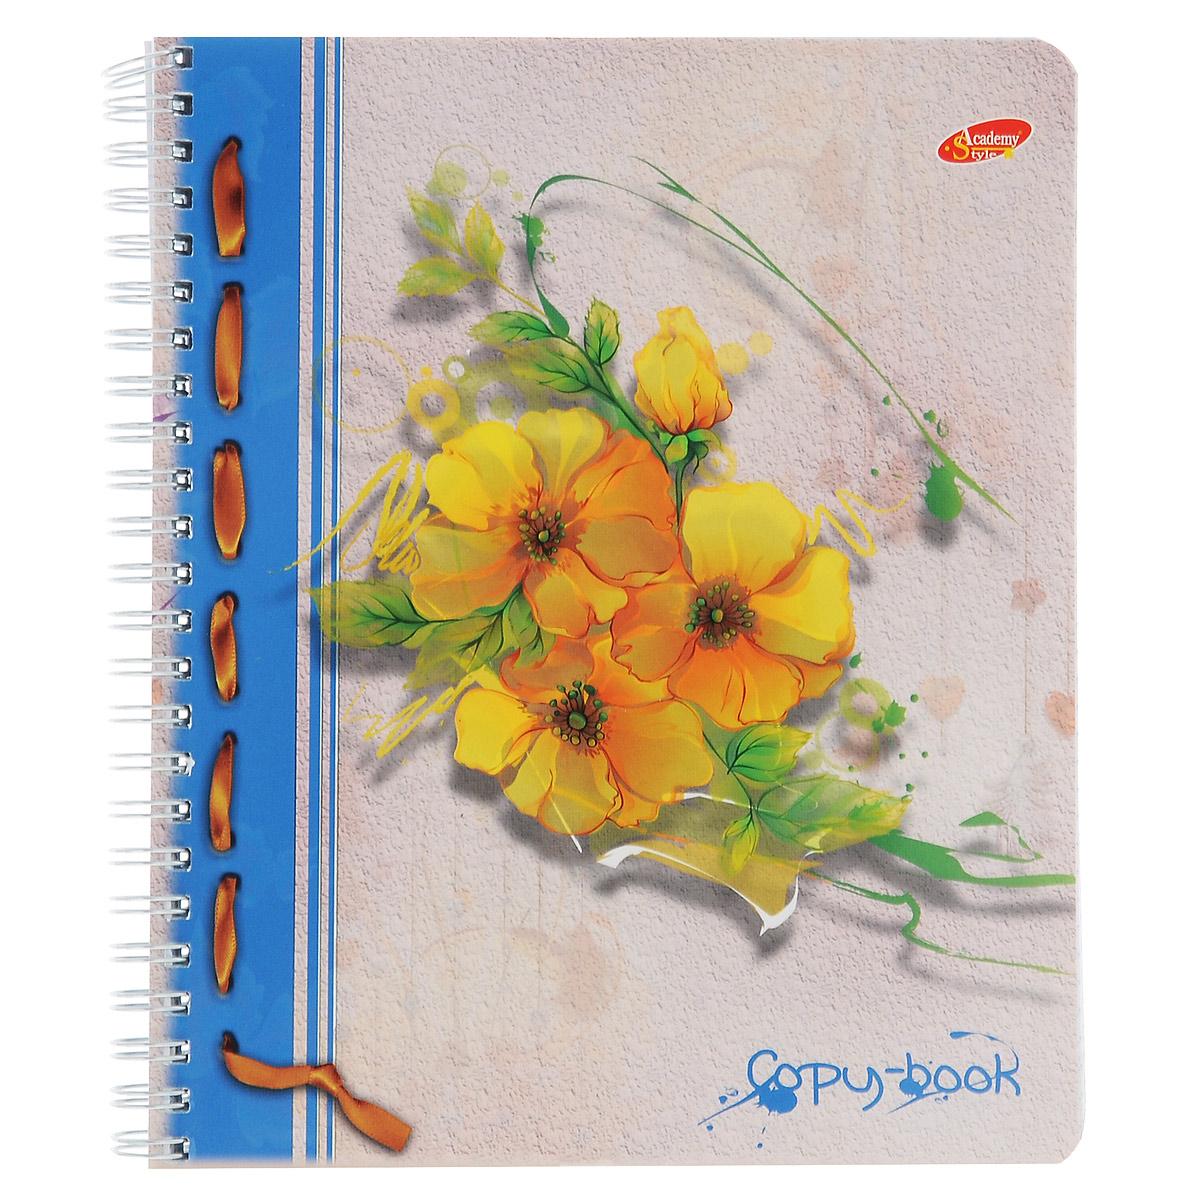 Тетрадь Желтые цветы, цвет: серый, желтый, 96 листов6008/3_кругл Желтые цветыТетрадь Желтые цветы с красочным изображением на обложке подойдет для выполнения любых работ.Обложка тетради с закругленными углами изготовлена из мелованного картона. Внутренний блок тетради на гребне состоит из 96 листов качественной белой бумаги. Все листы расчерчены в клетку без полей.